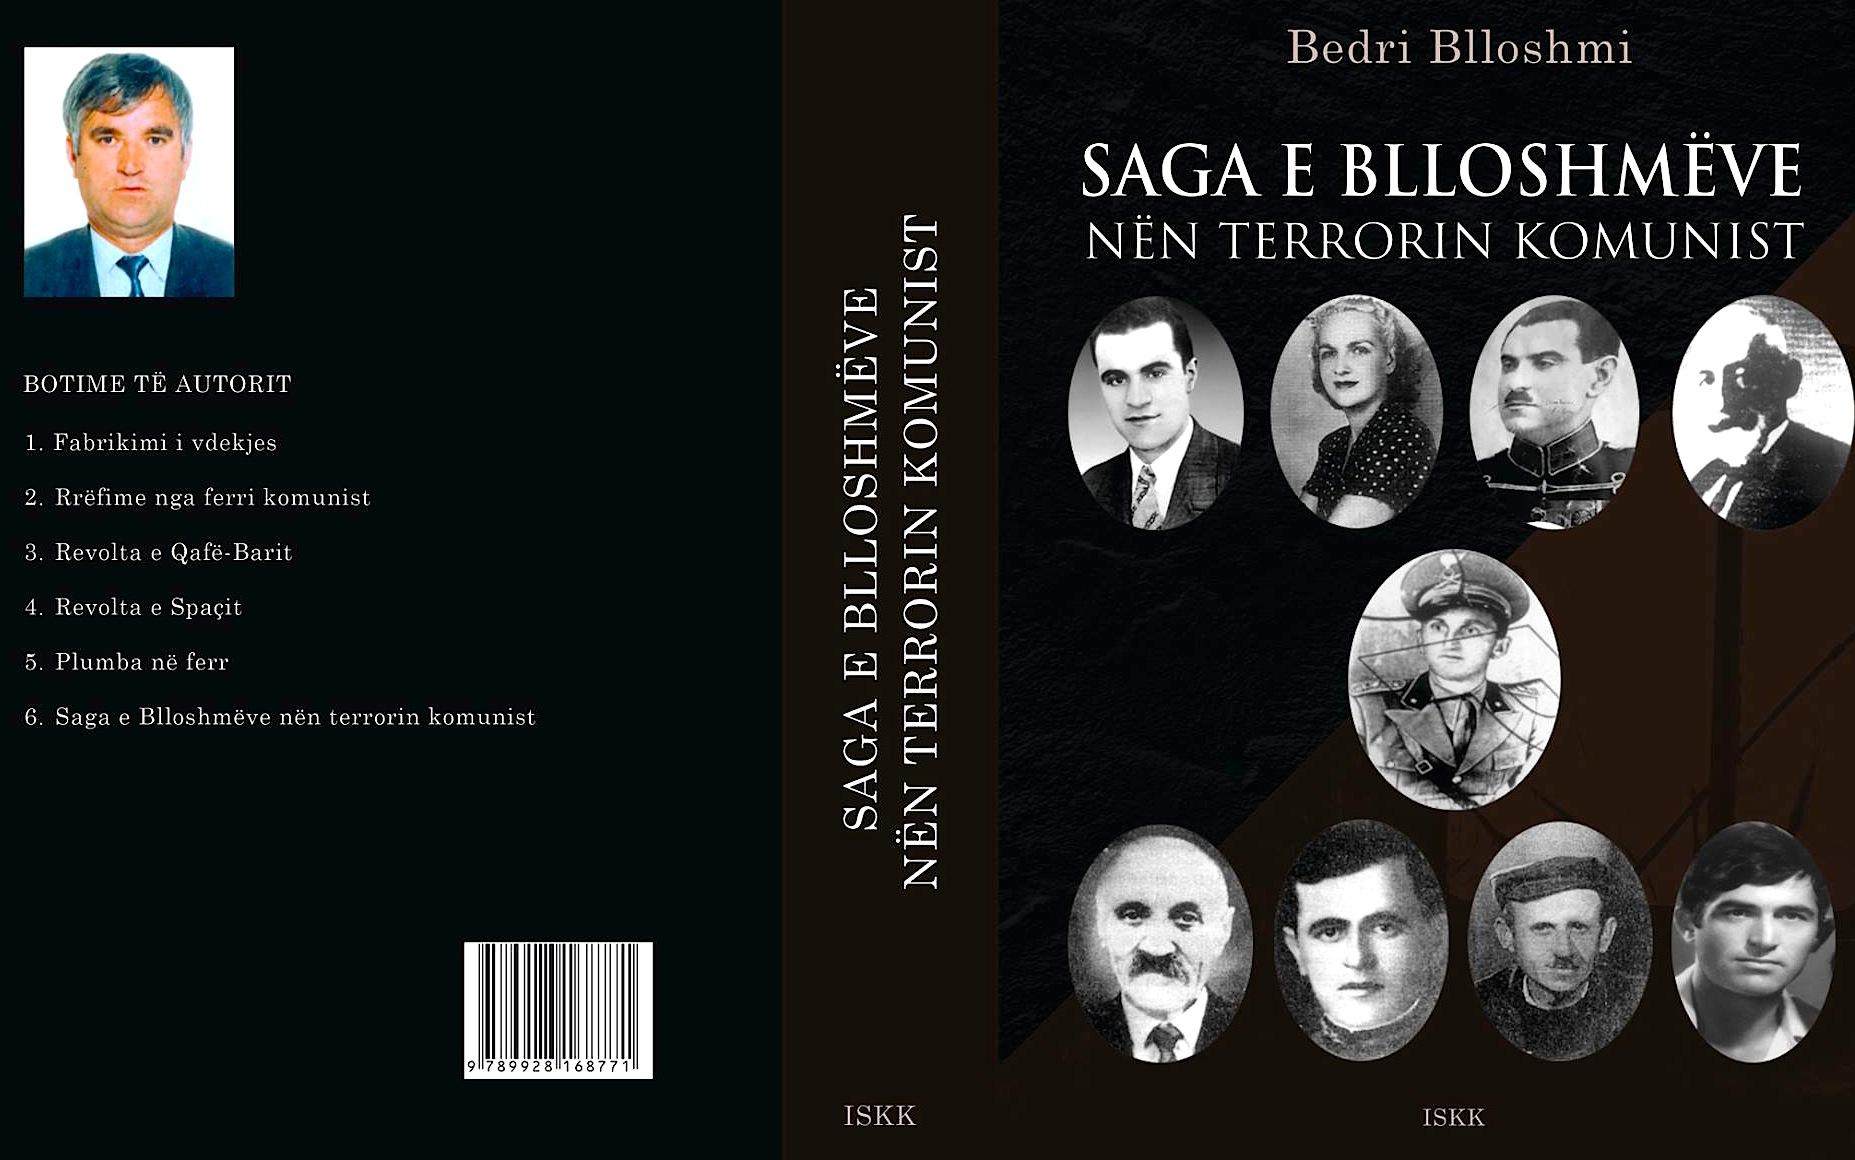 ISKK - Bedri Blloshmi - Saga e Blloshmëve